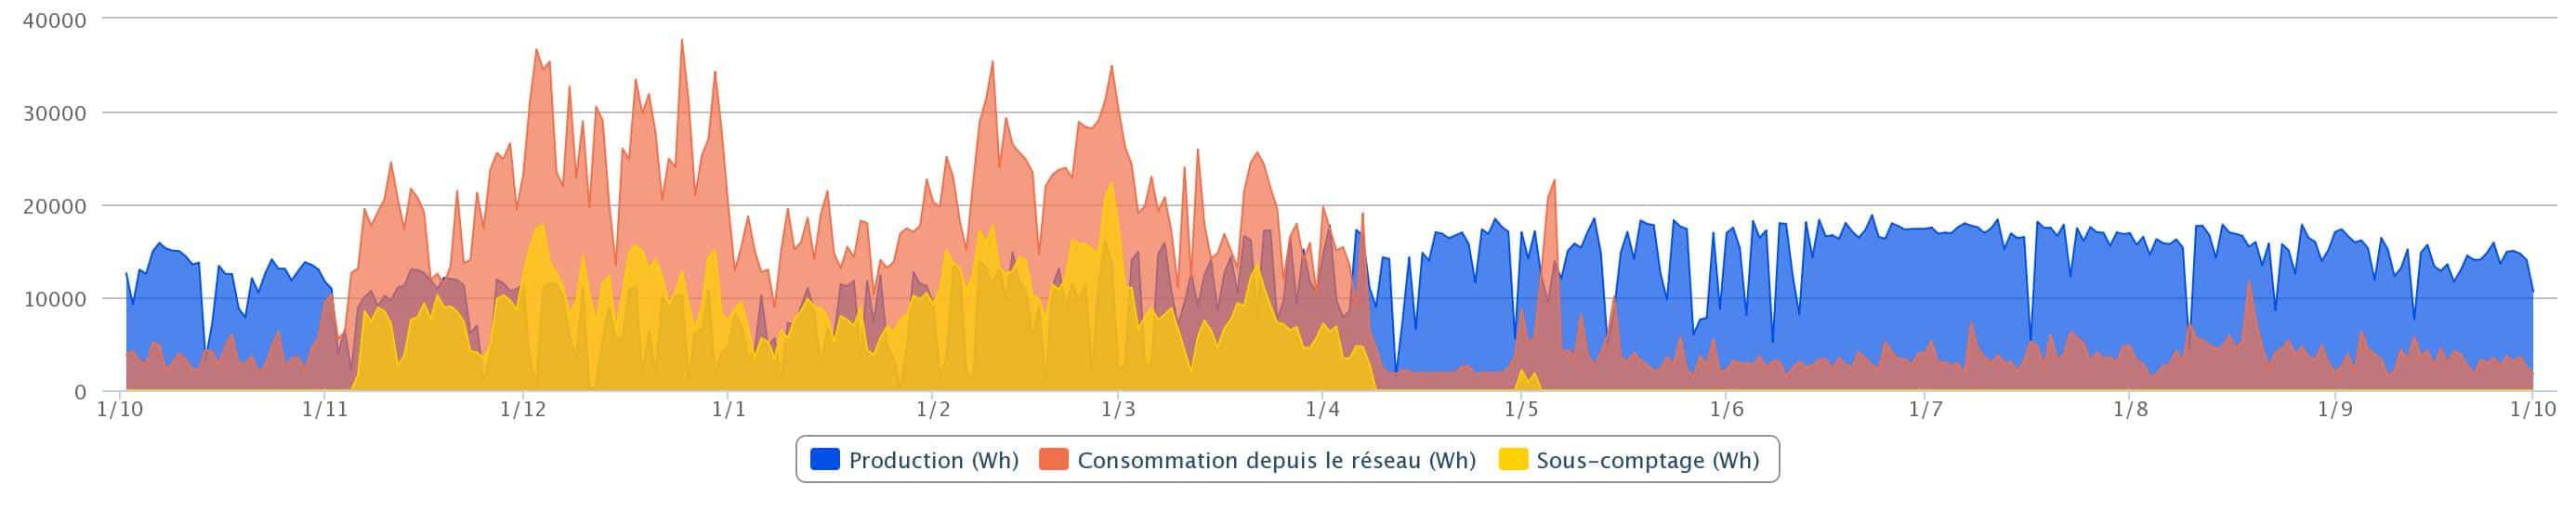 Consommation et production d'électricité sur un an - Maison rénovée